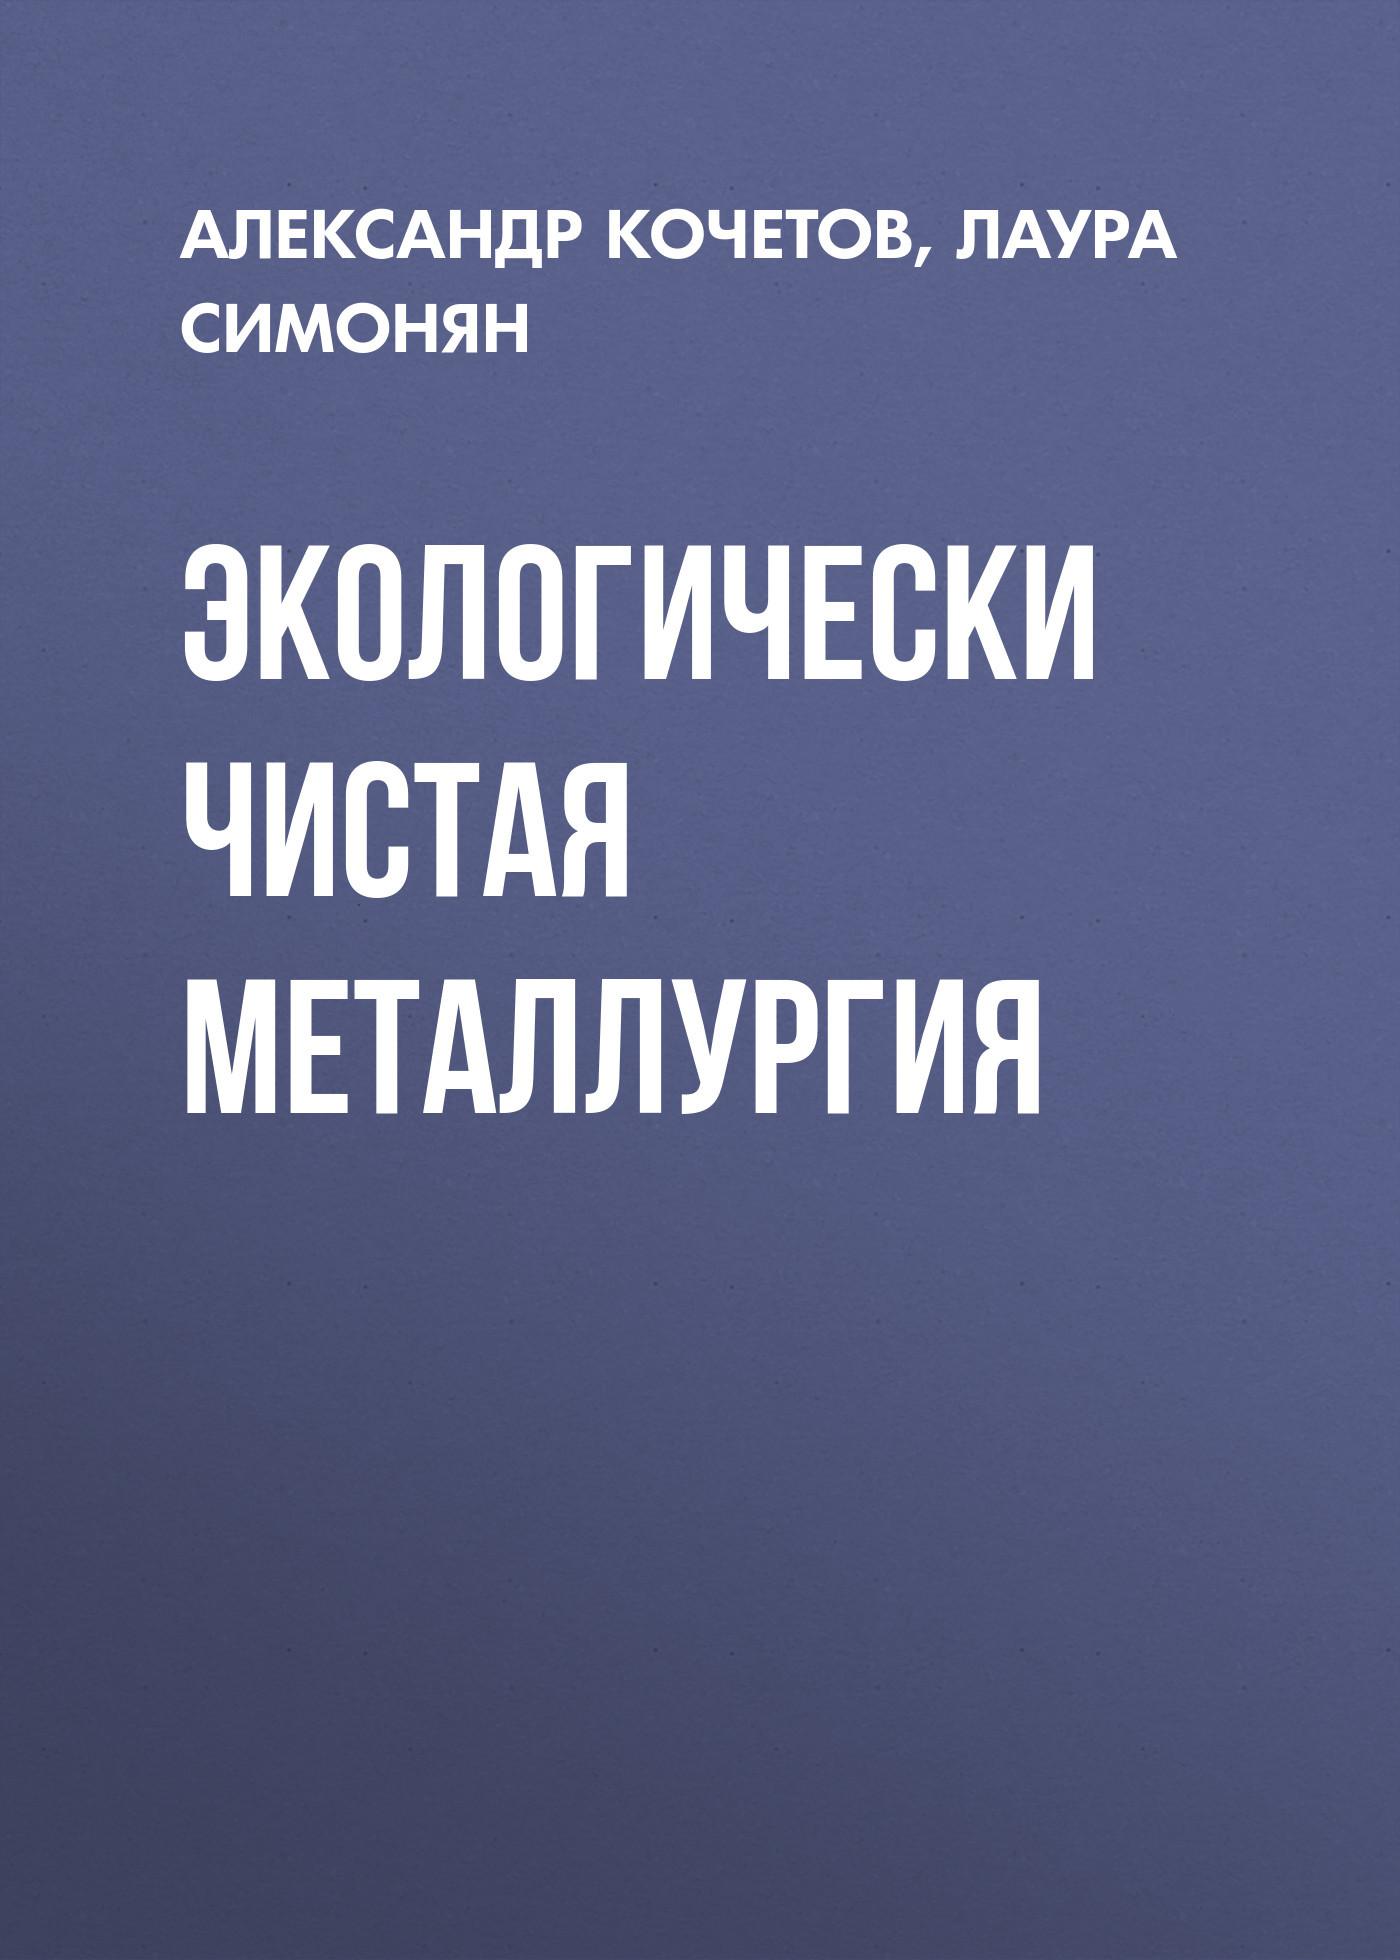 Александр Кочетов Экологически чистая металлургия александр кочетов анализ показателей деятельности мисис за 2006 год